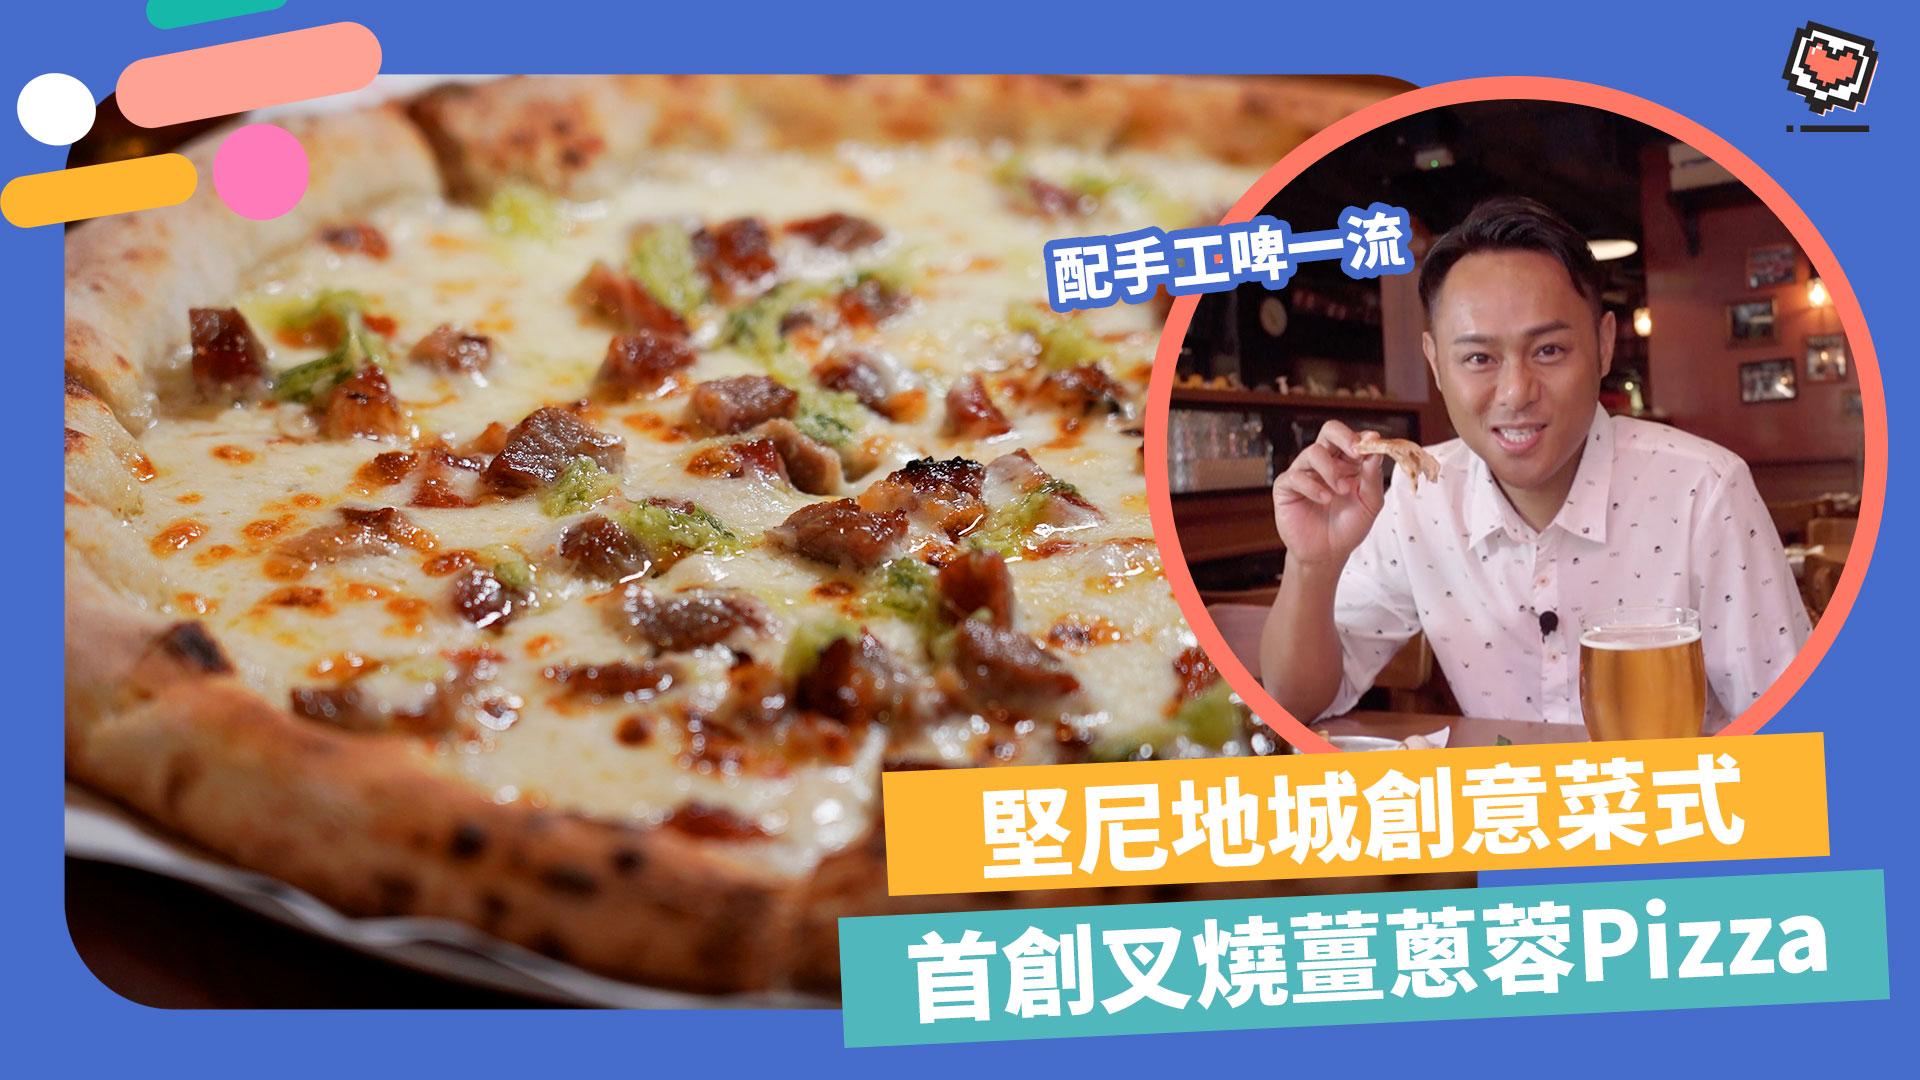 【西環美食】堅尼地城Fusion菜小店!首創叉燒薑蔥蓉Pizza配手工啤一流